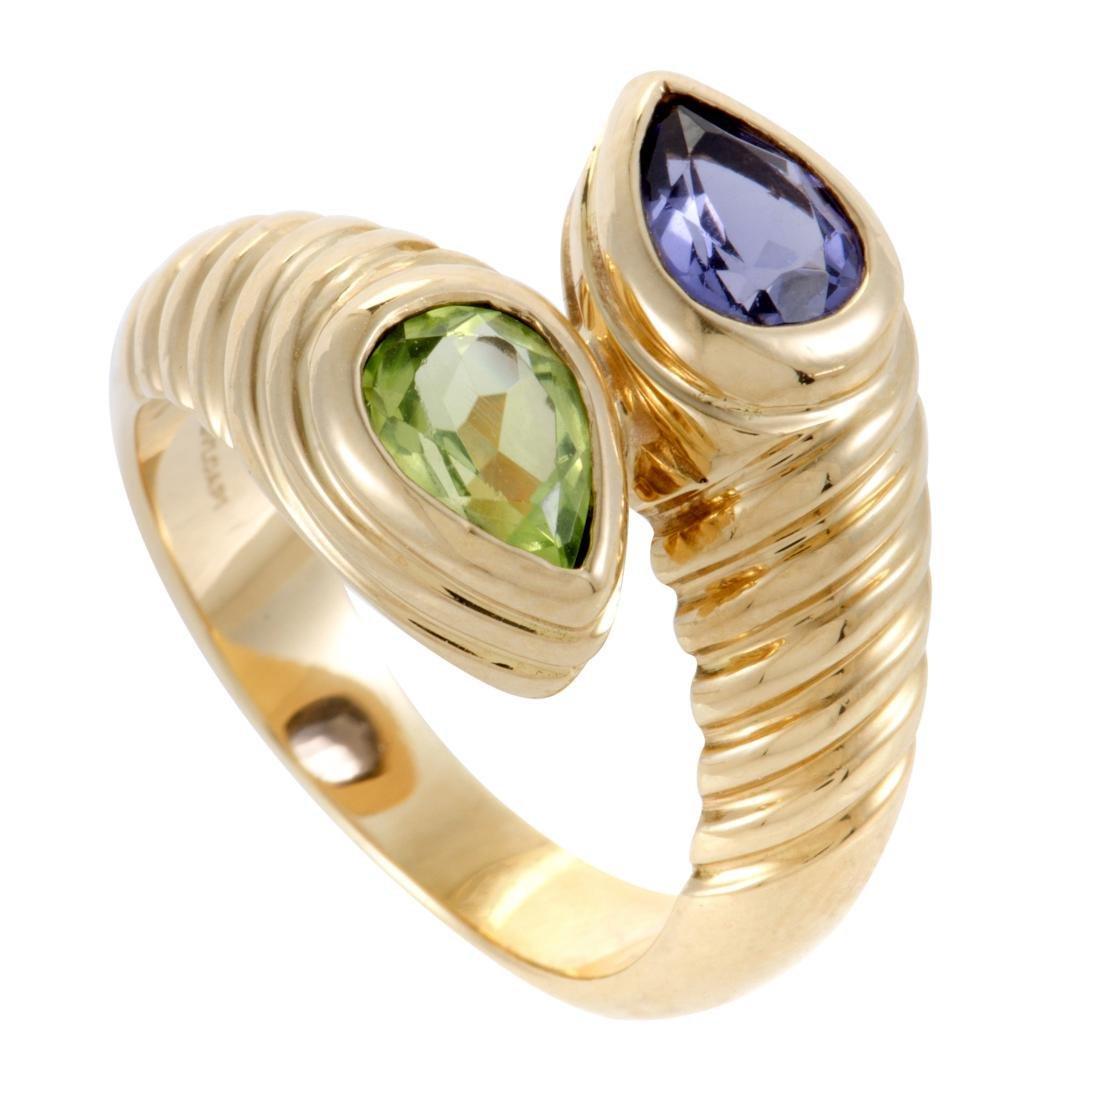 Doppio 18K Yellow Gold Iolite and Peridot Bypass Ring